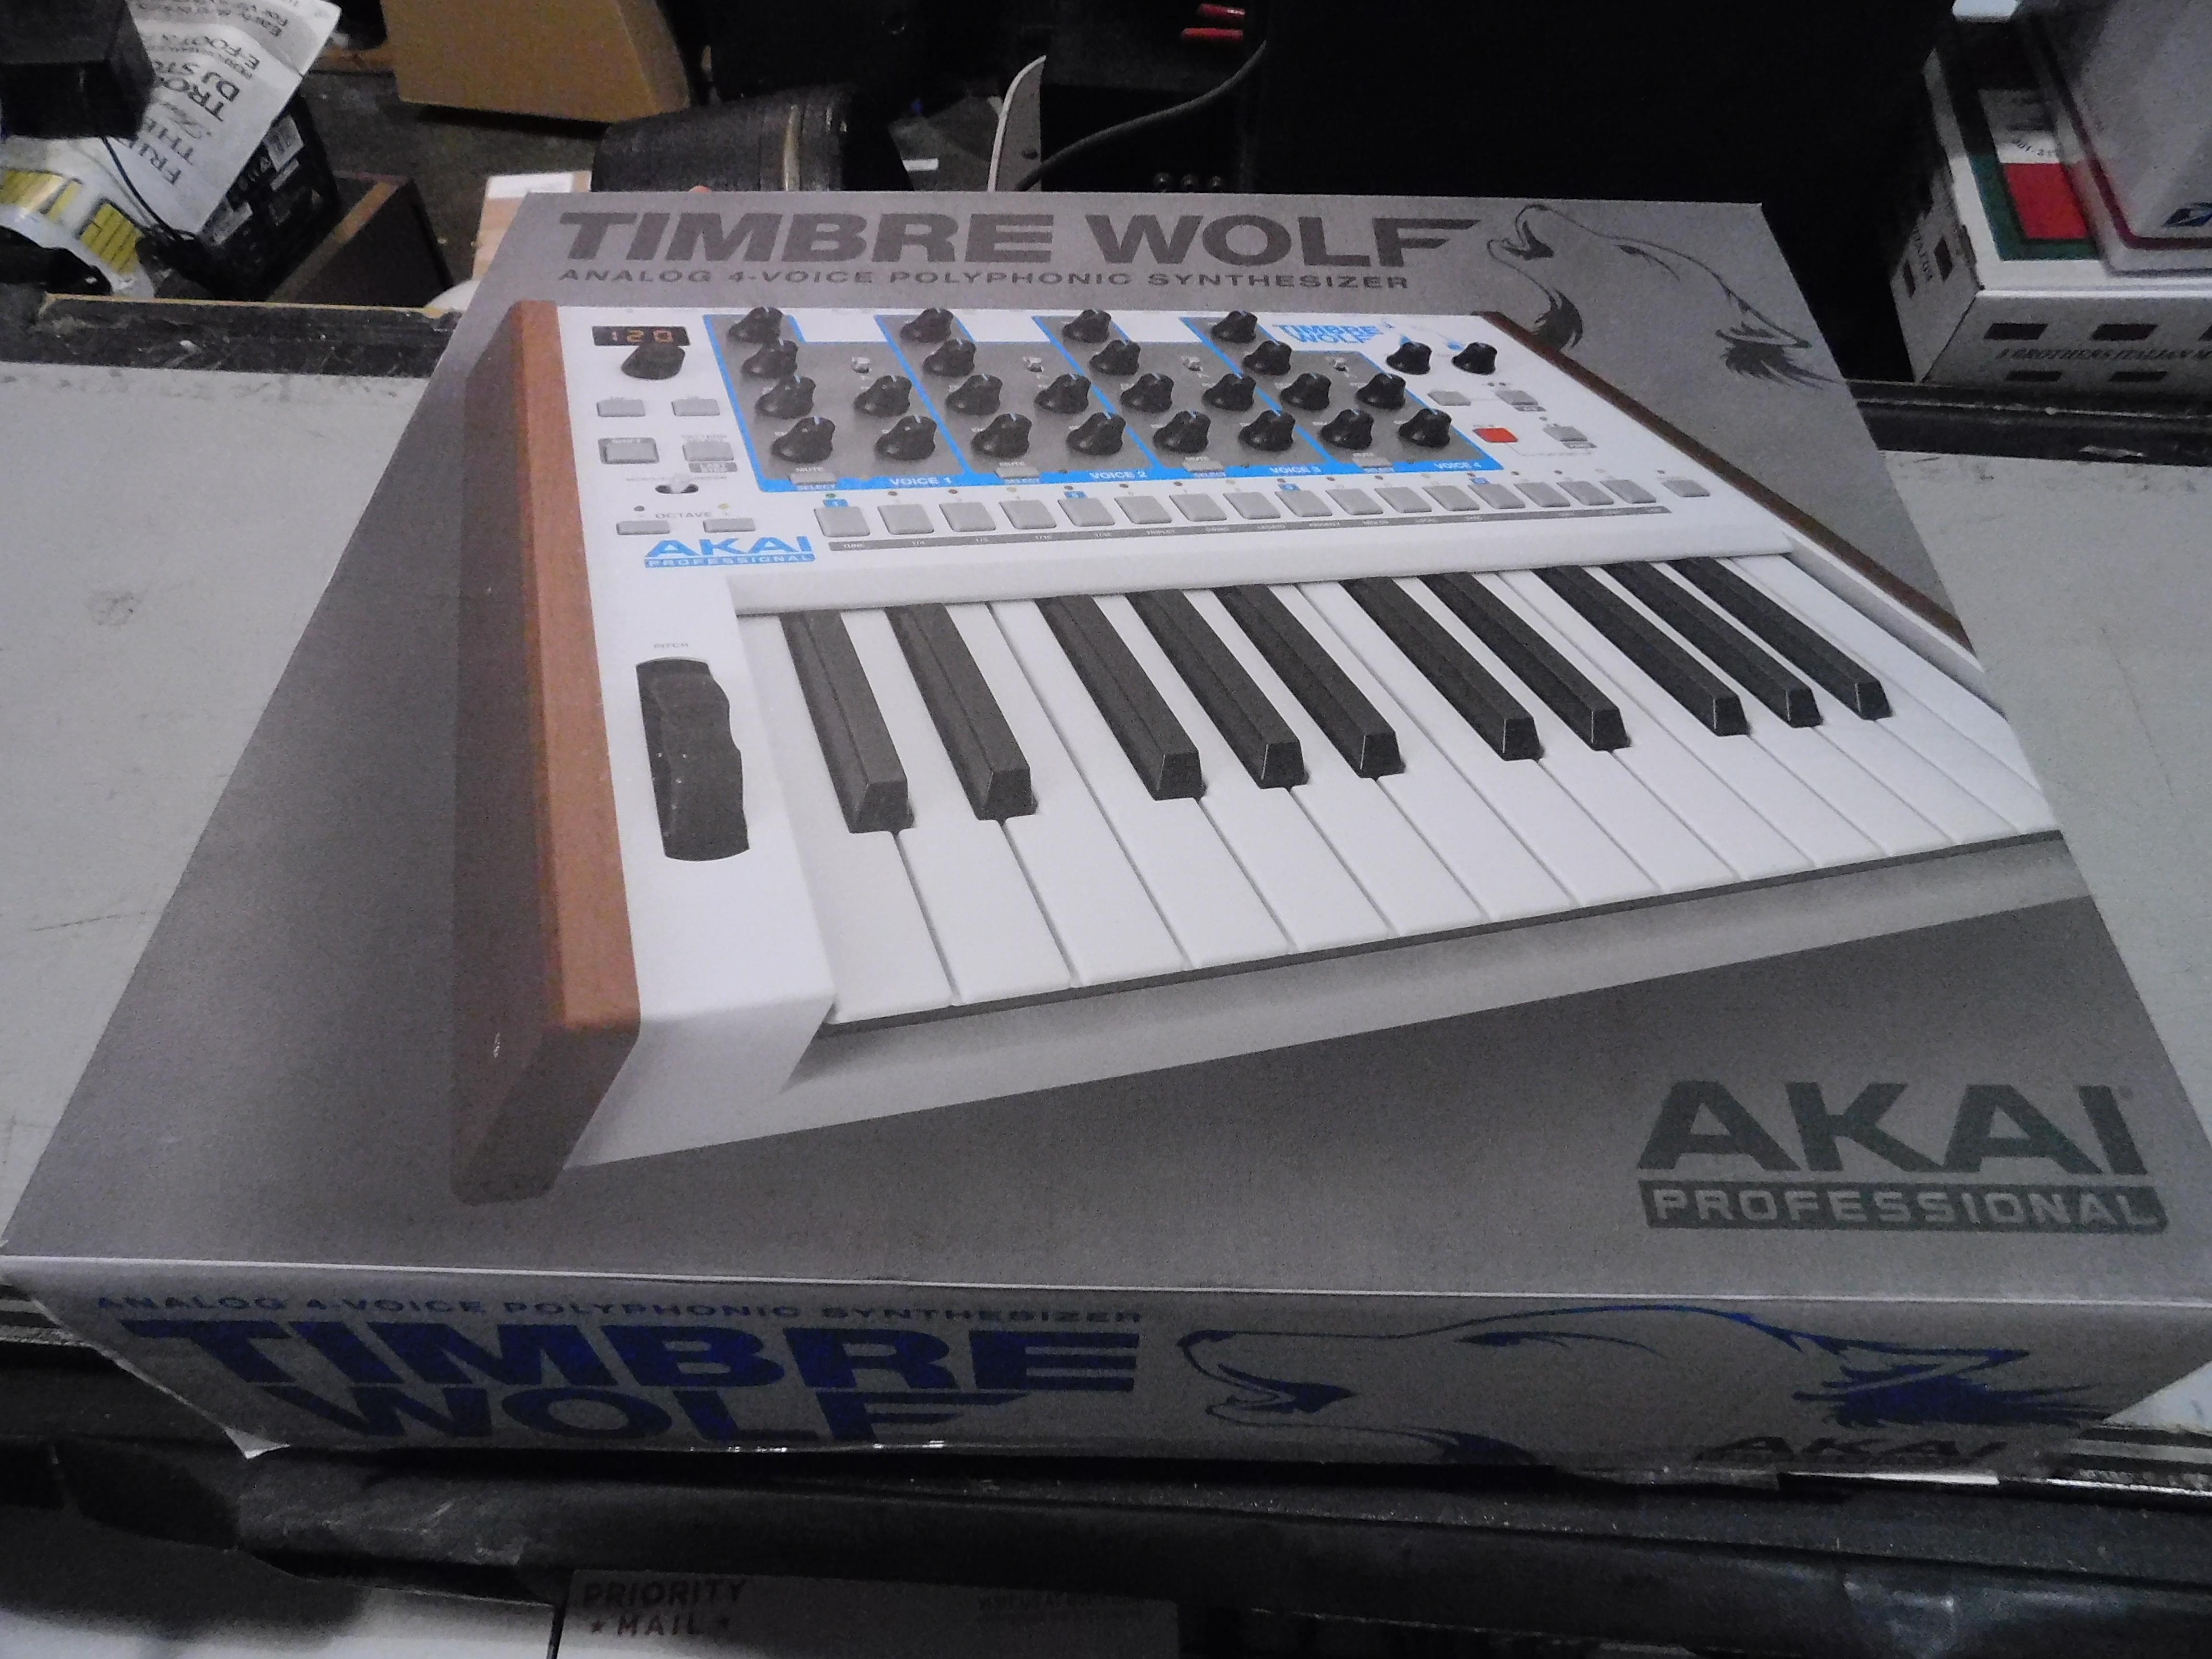 AKAI TIMBRE WOLF 25-Key Analog 4-Voice Polyphonic Synthesizer